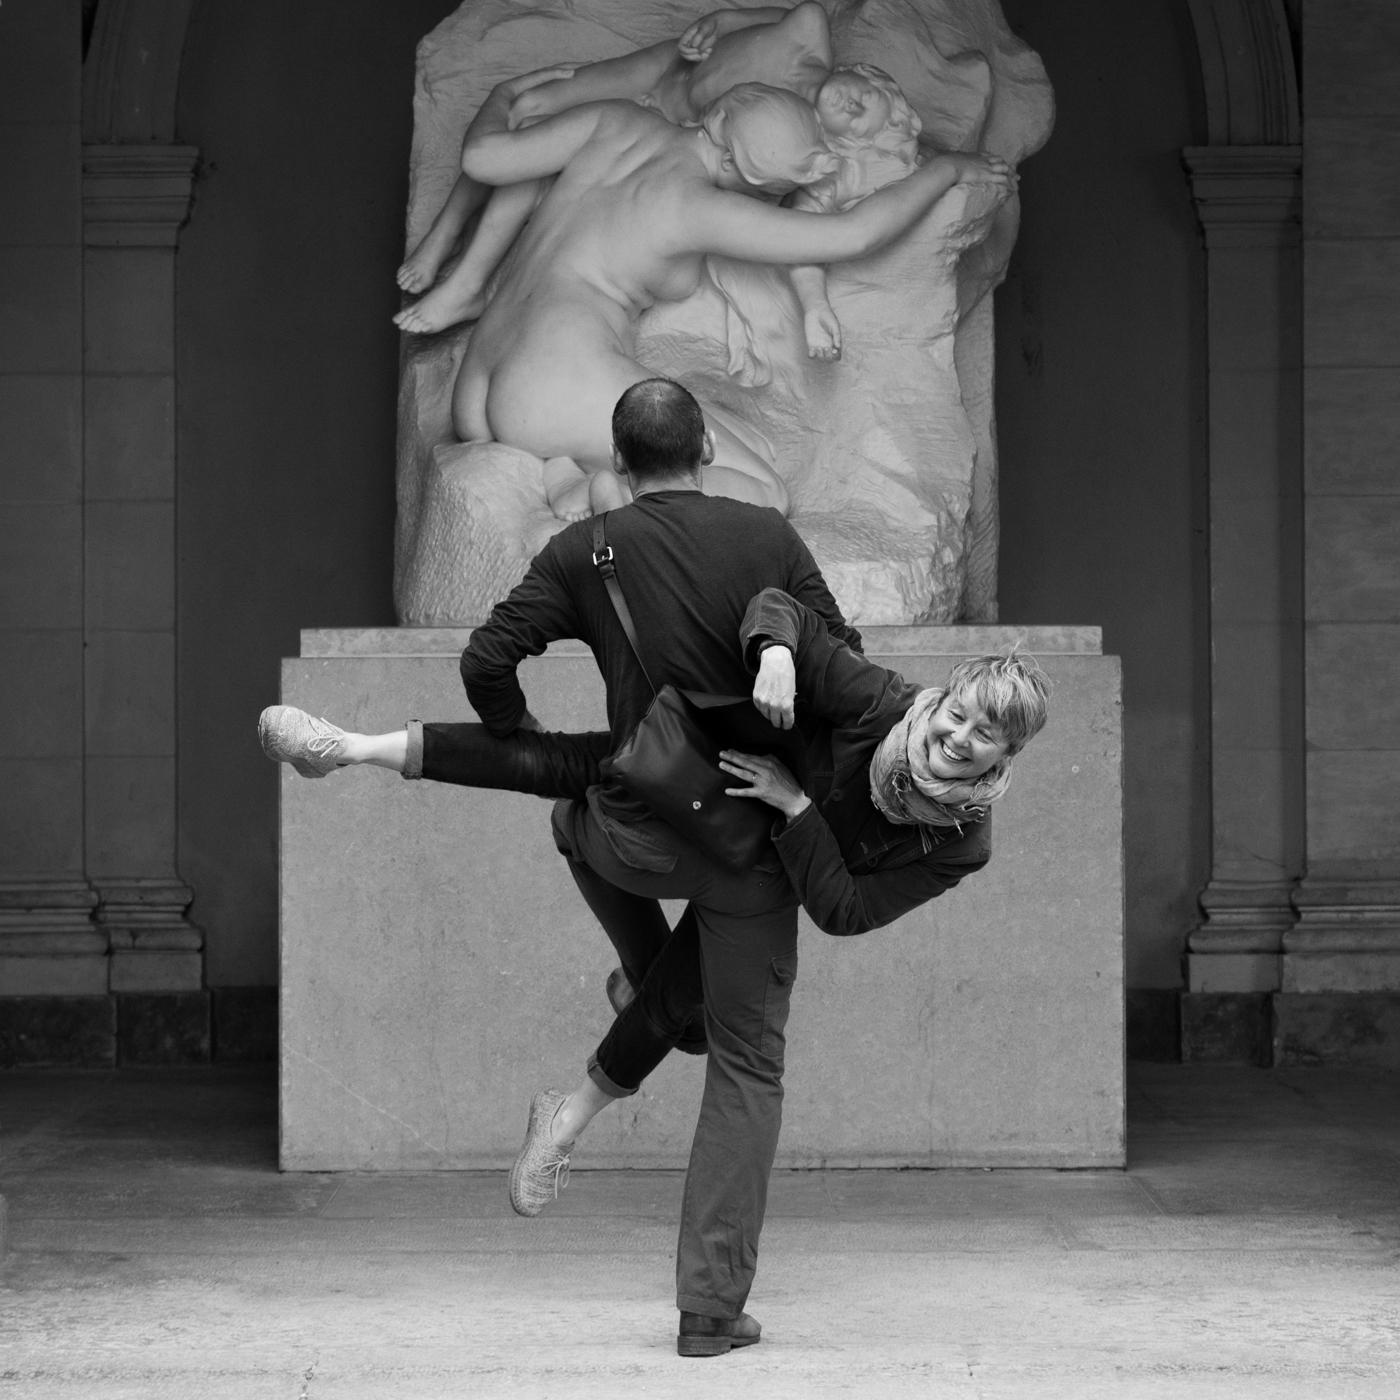 Musée_Lyon_2016_-_Autoportrait_la_main_dans_la_sac